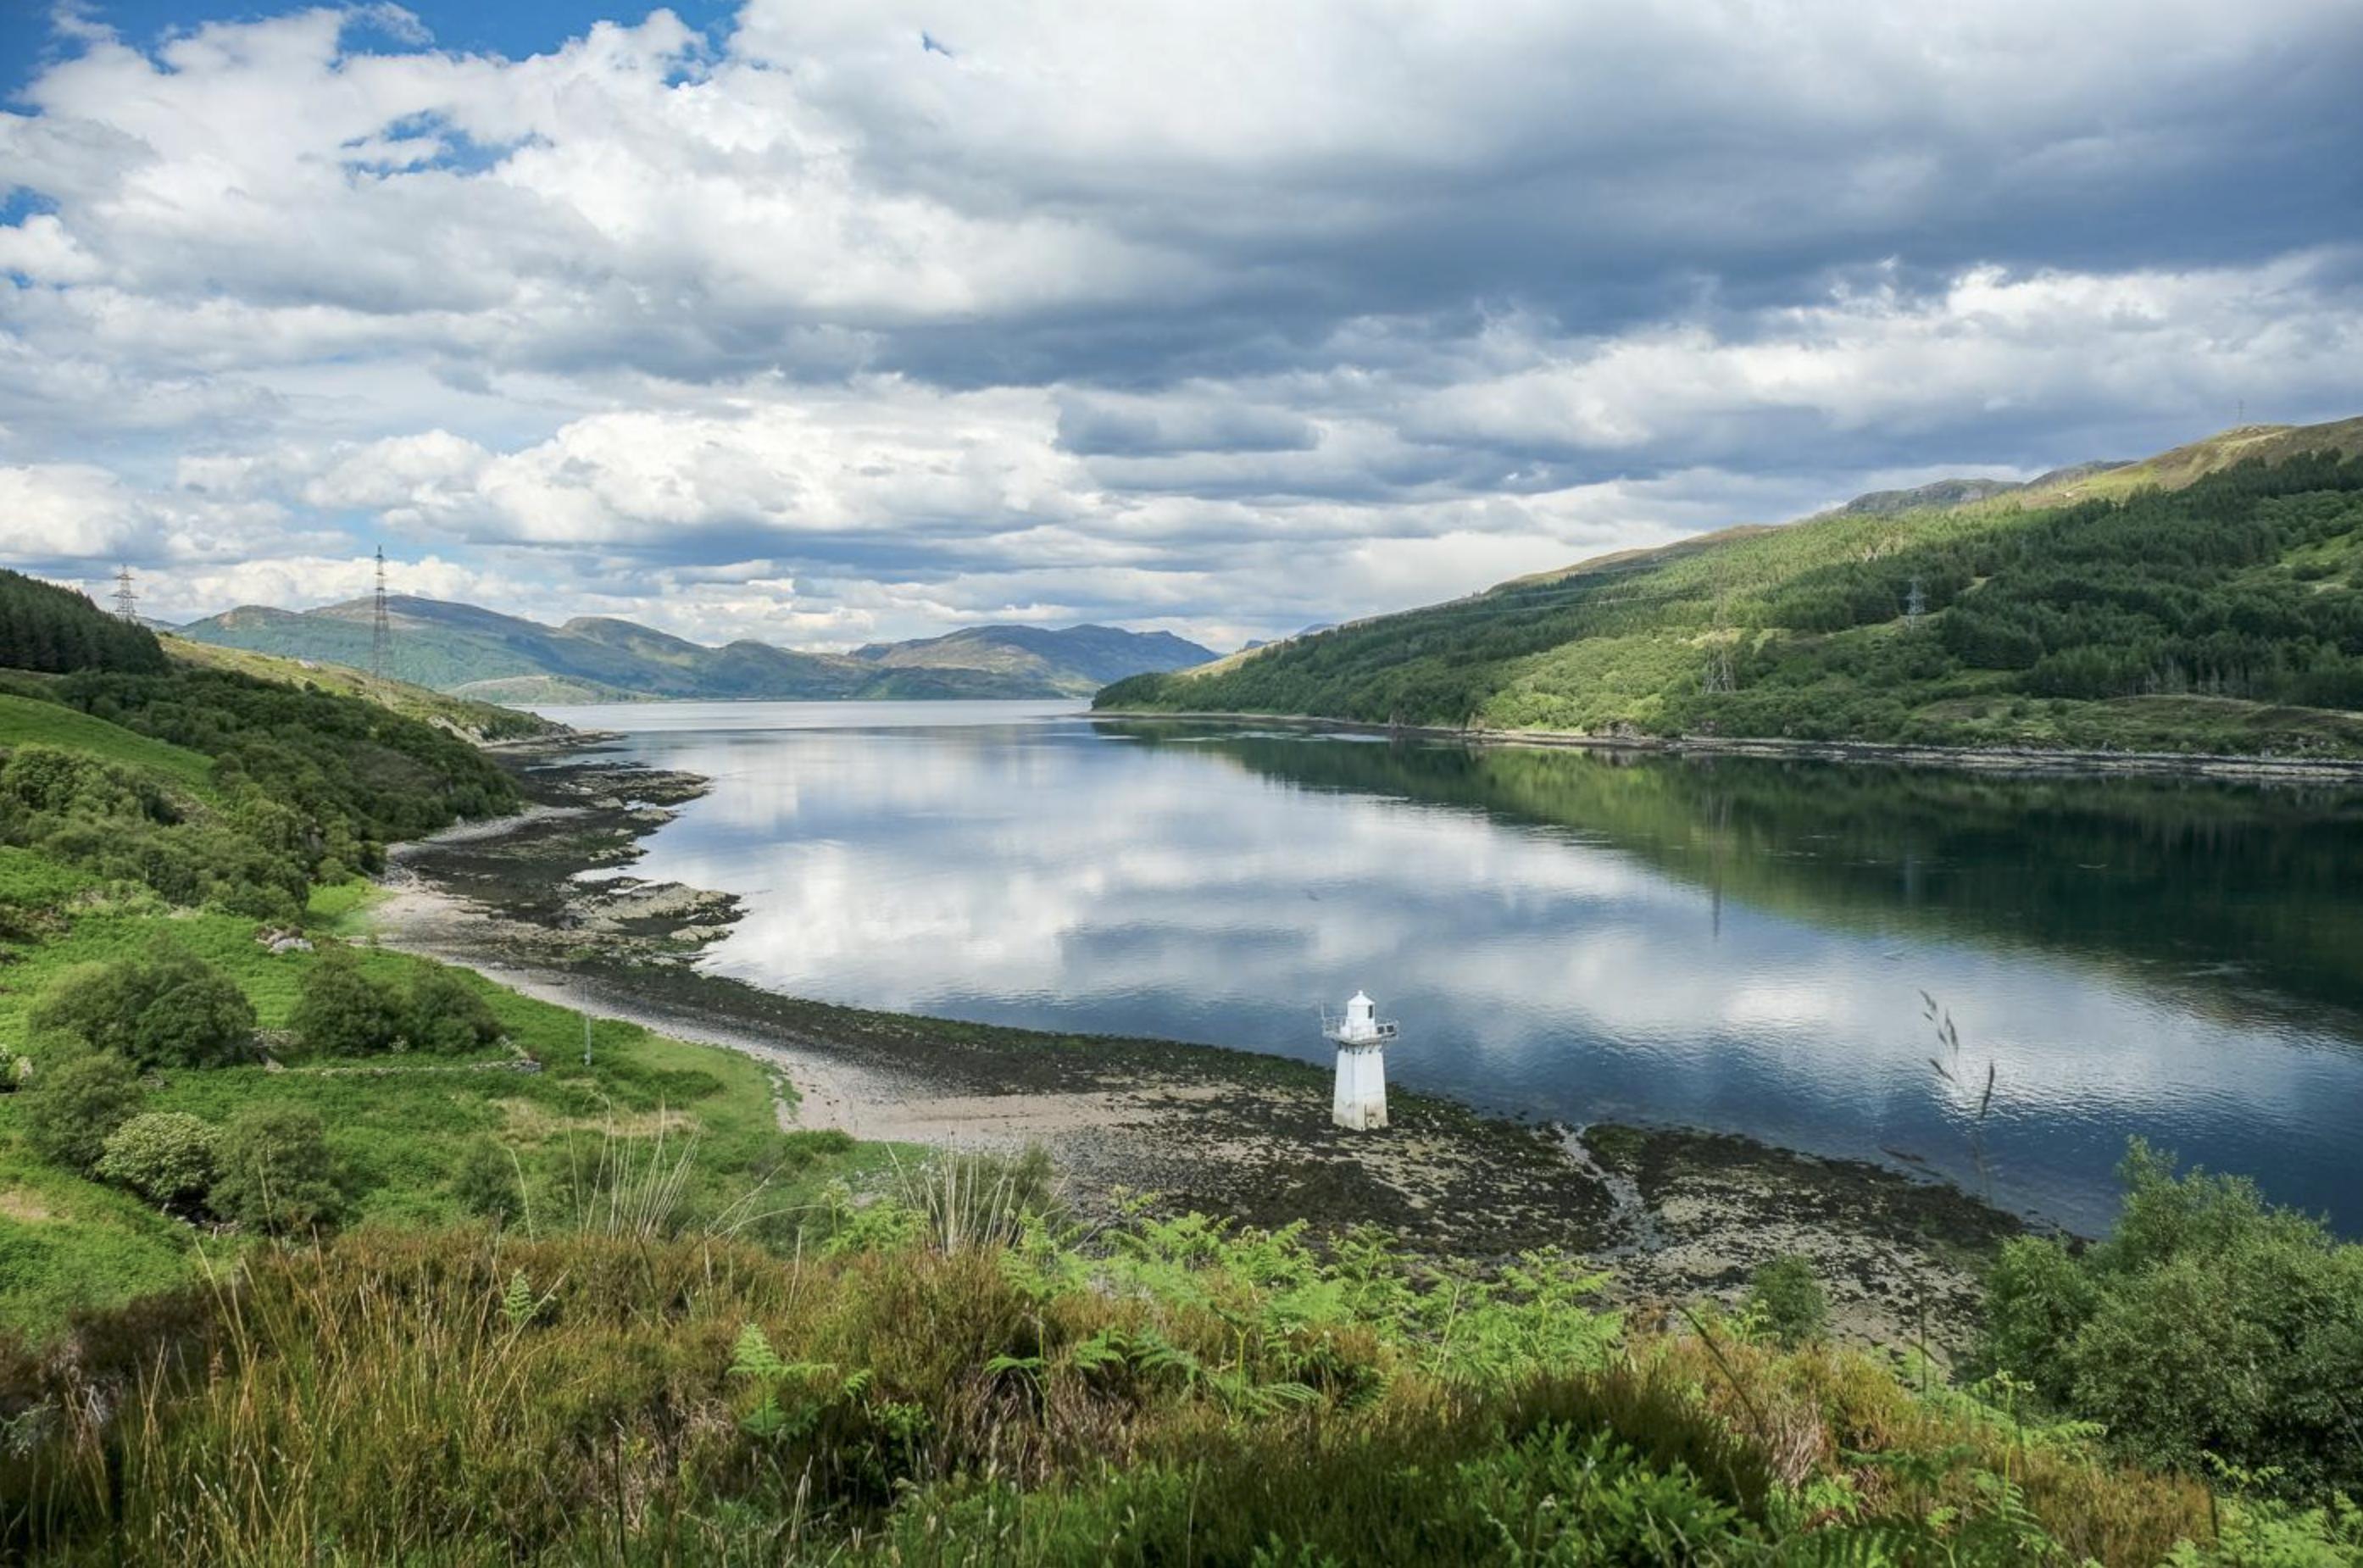 kylerhea otter isle of skye whisky broadford backpackers hostel